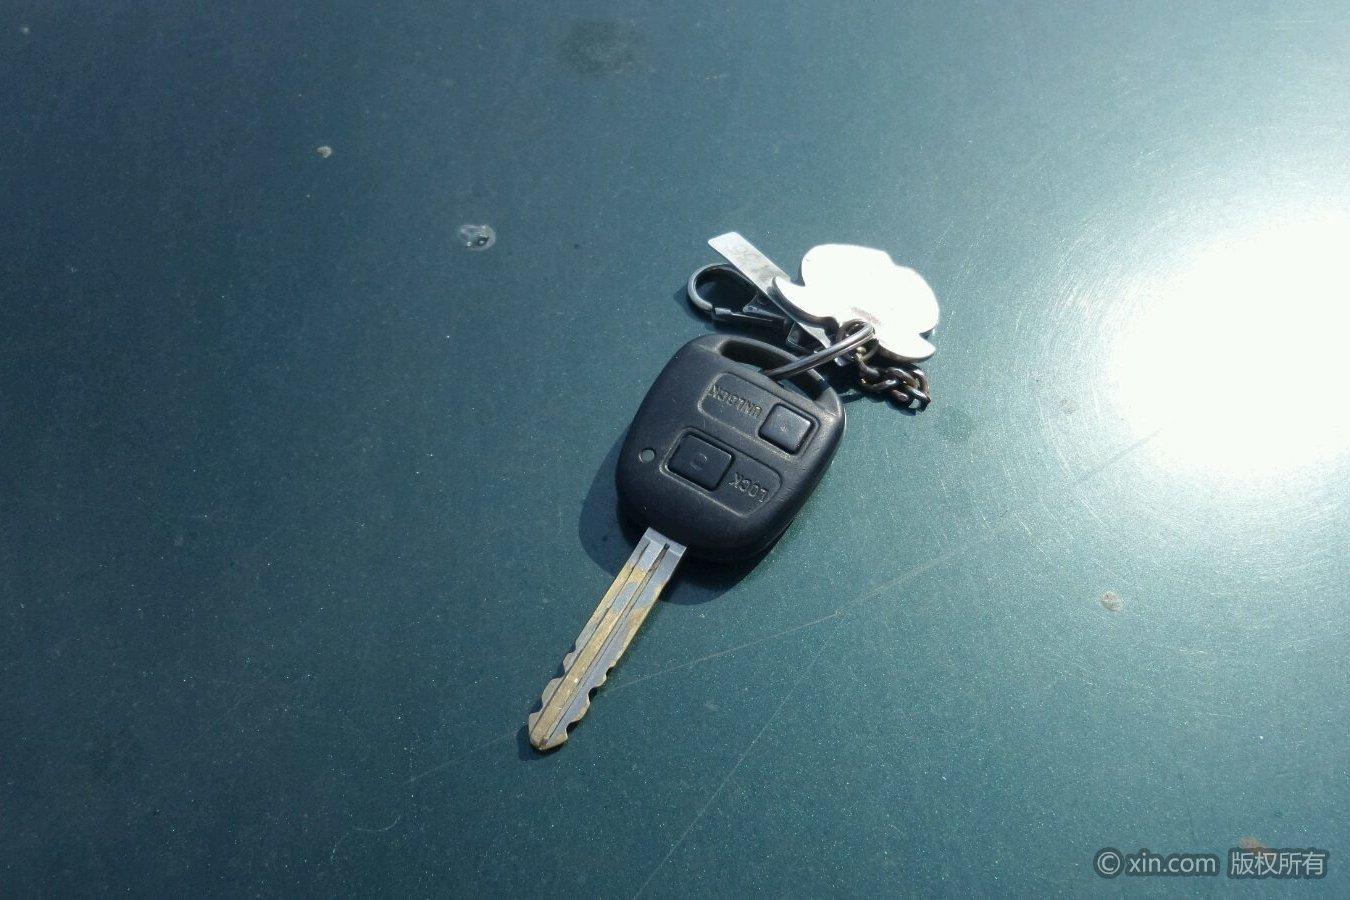 长城 风骏 2009款 2.8t 手动 大双排加长公务型后驱 柴油